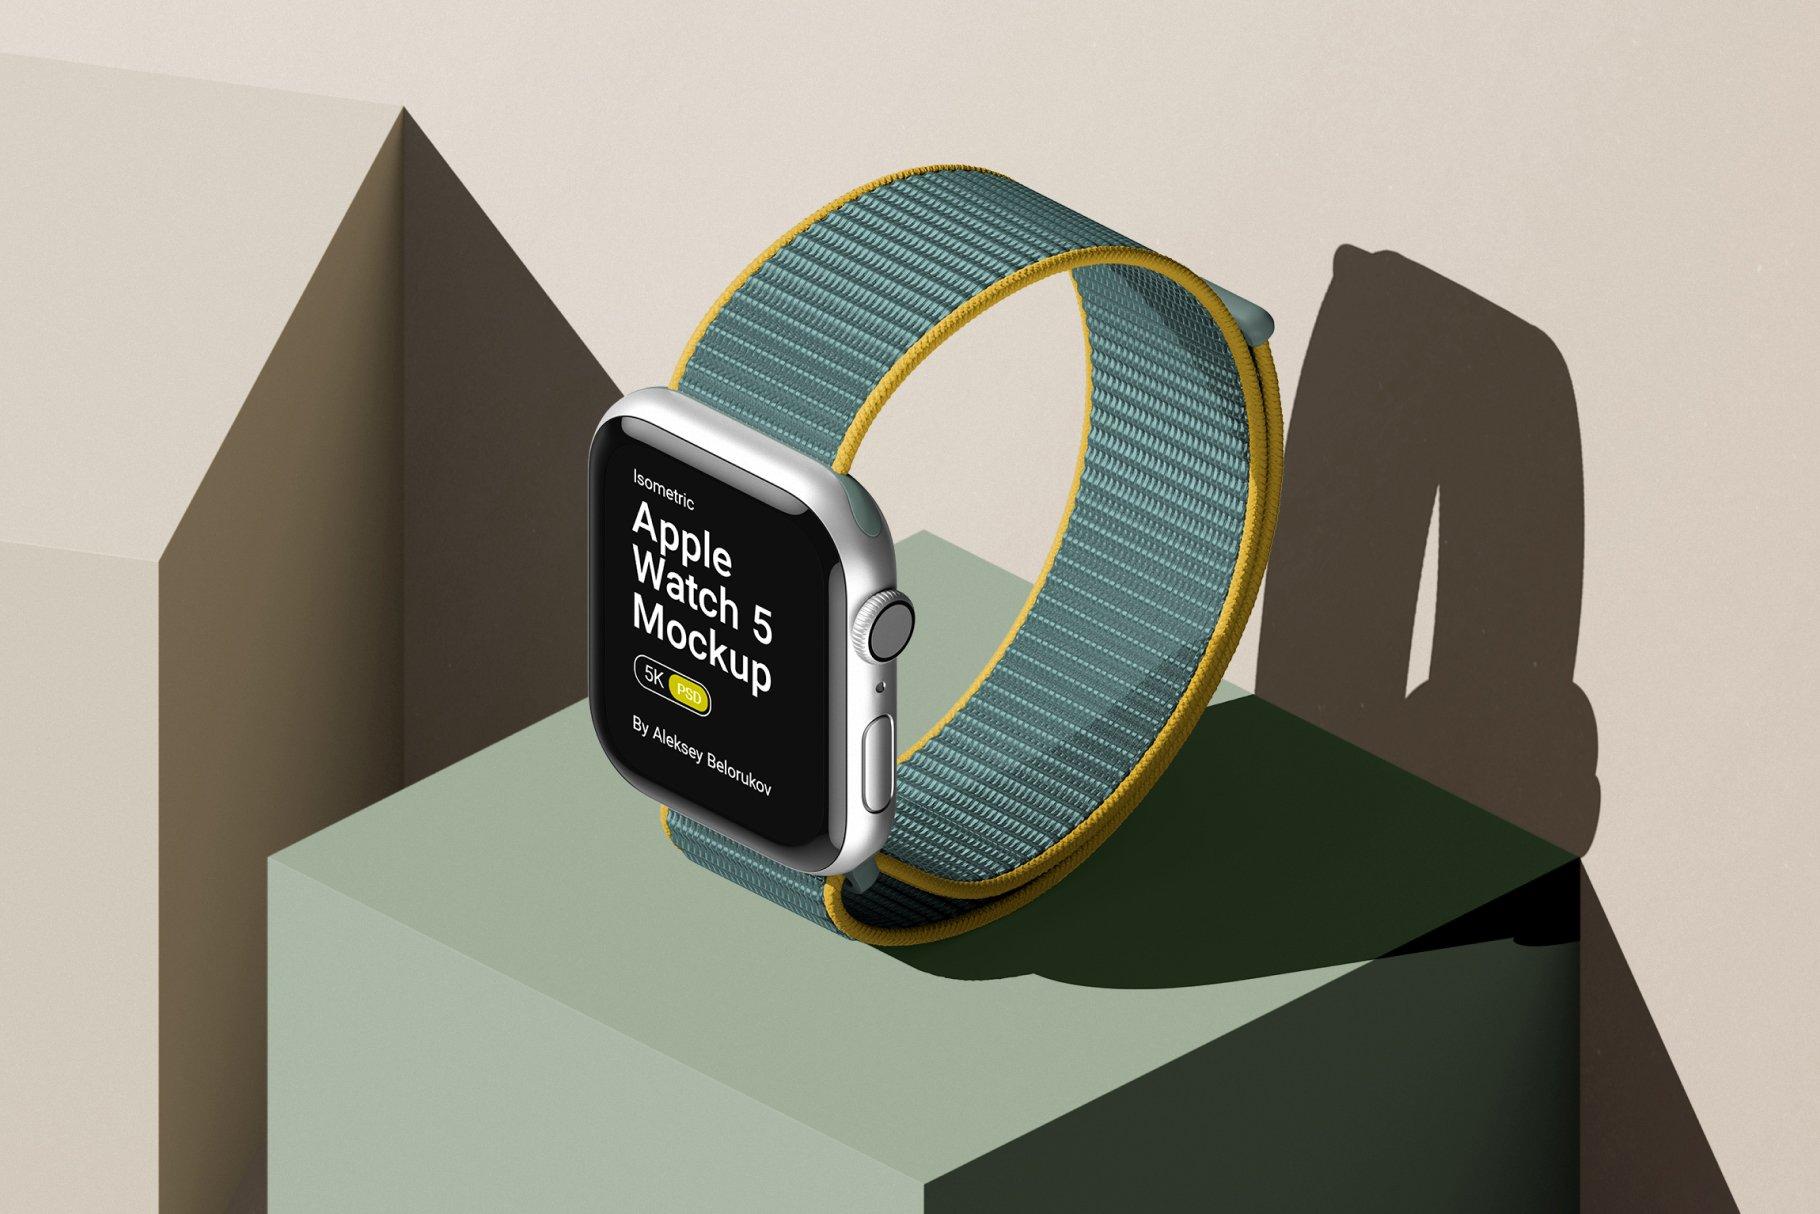 [单独购买] 16款时尚等距APP界面设计苹果设备屏幕演示场景样机模板套装 Device Pack Mockups – Isometric插图4